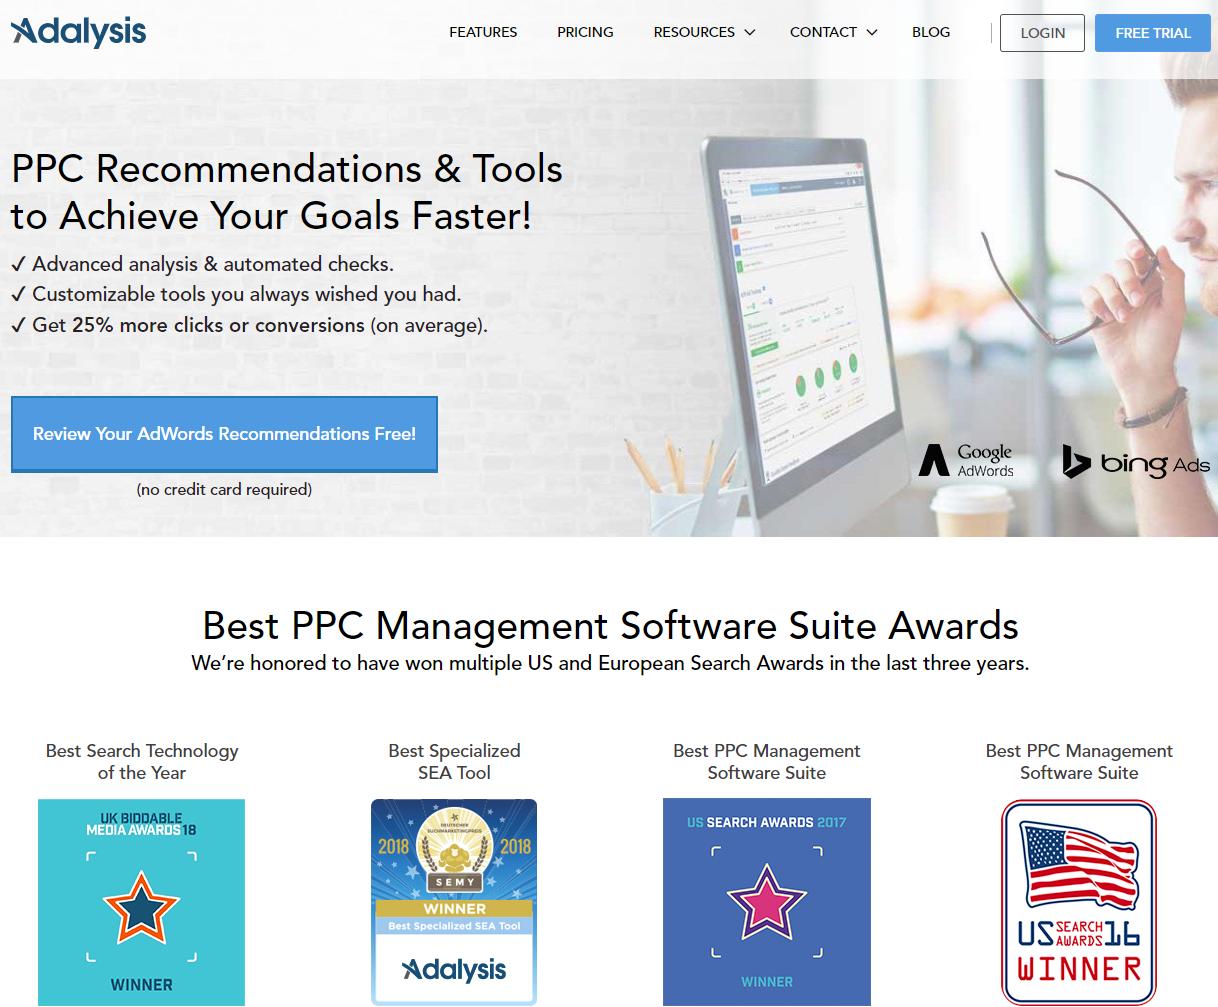 Google Ads Adalysis ppc analysis tool